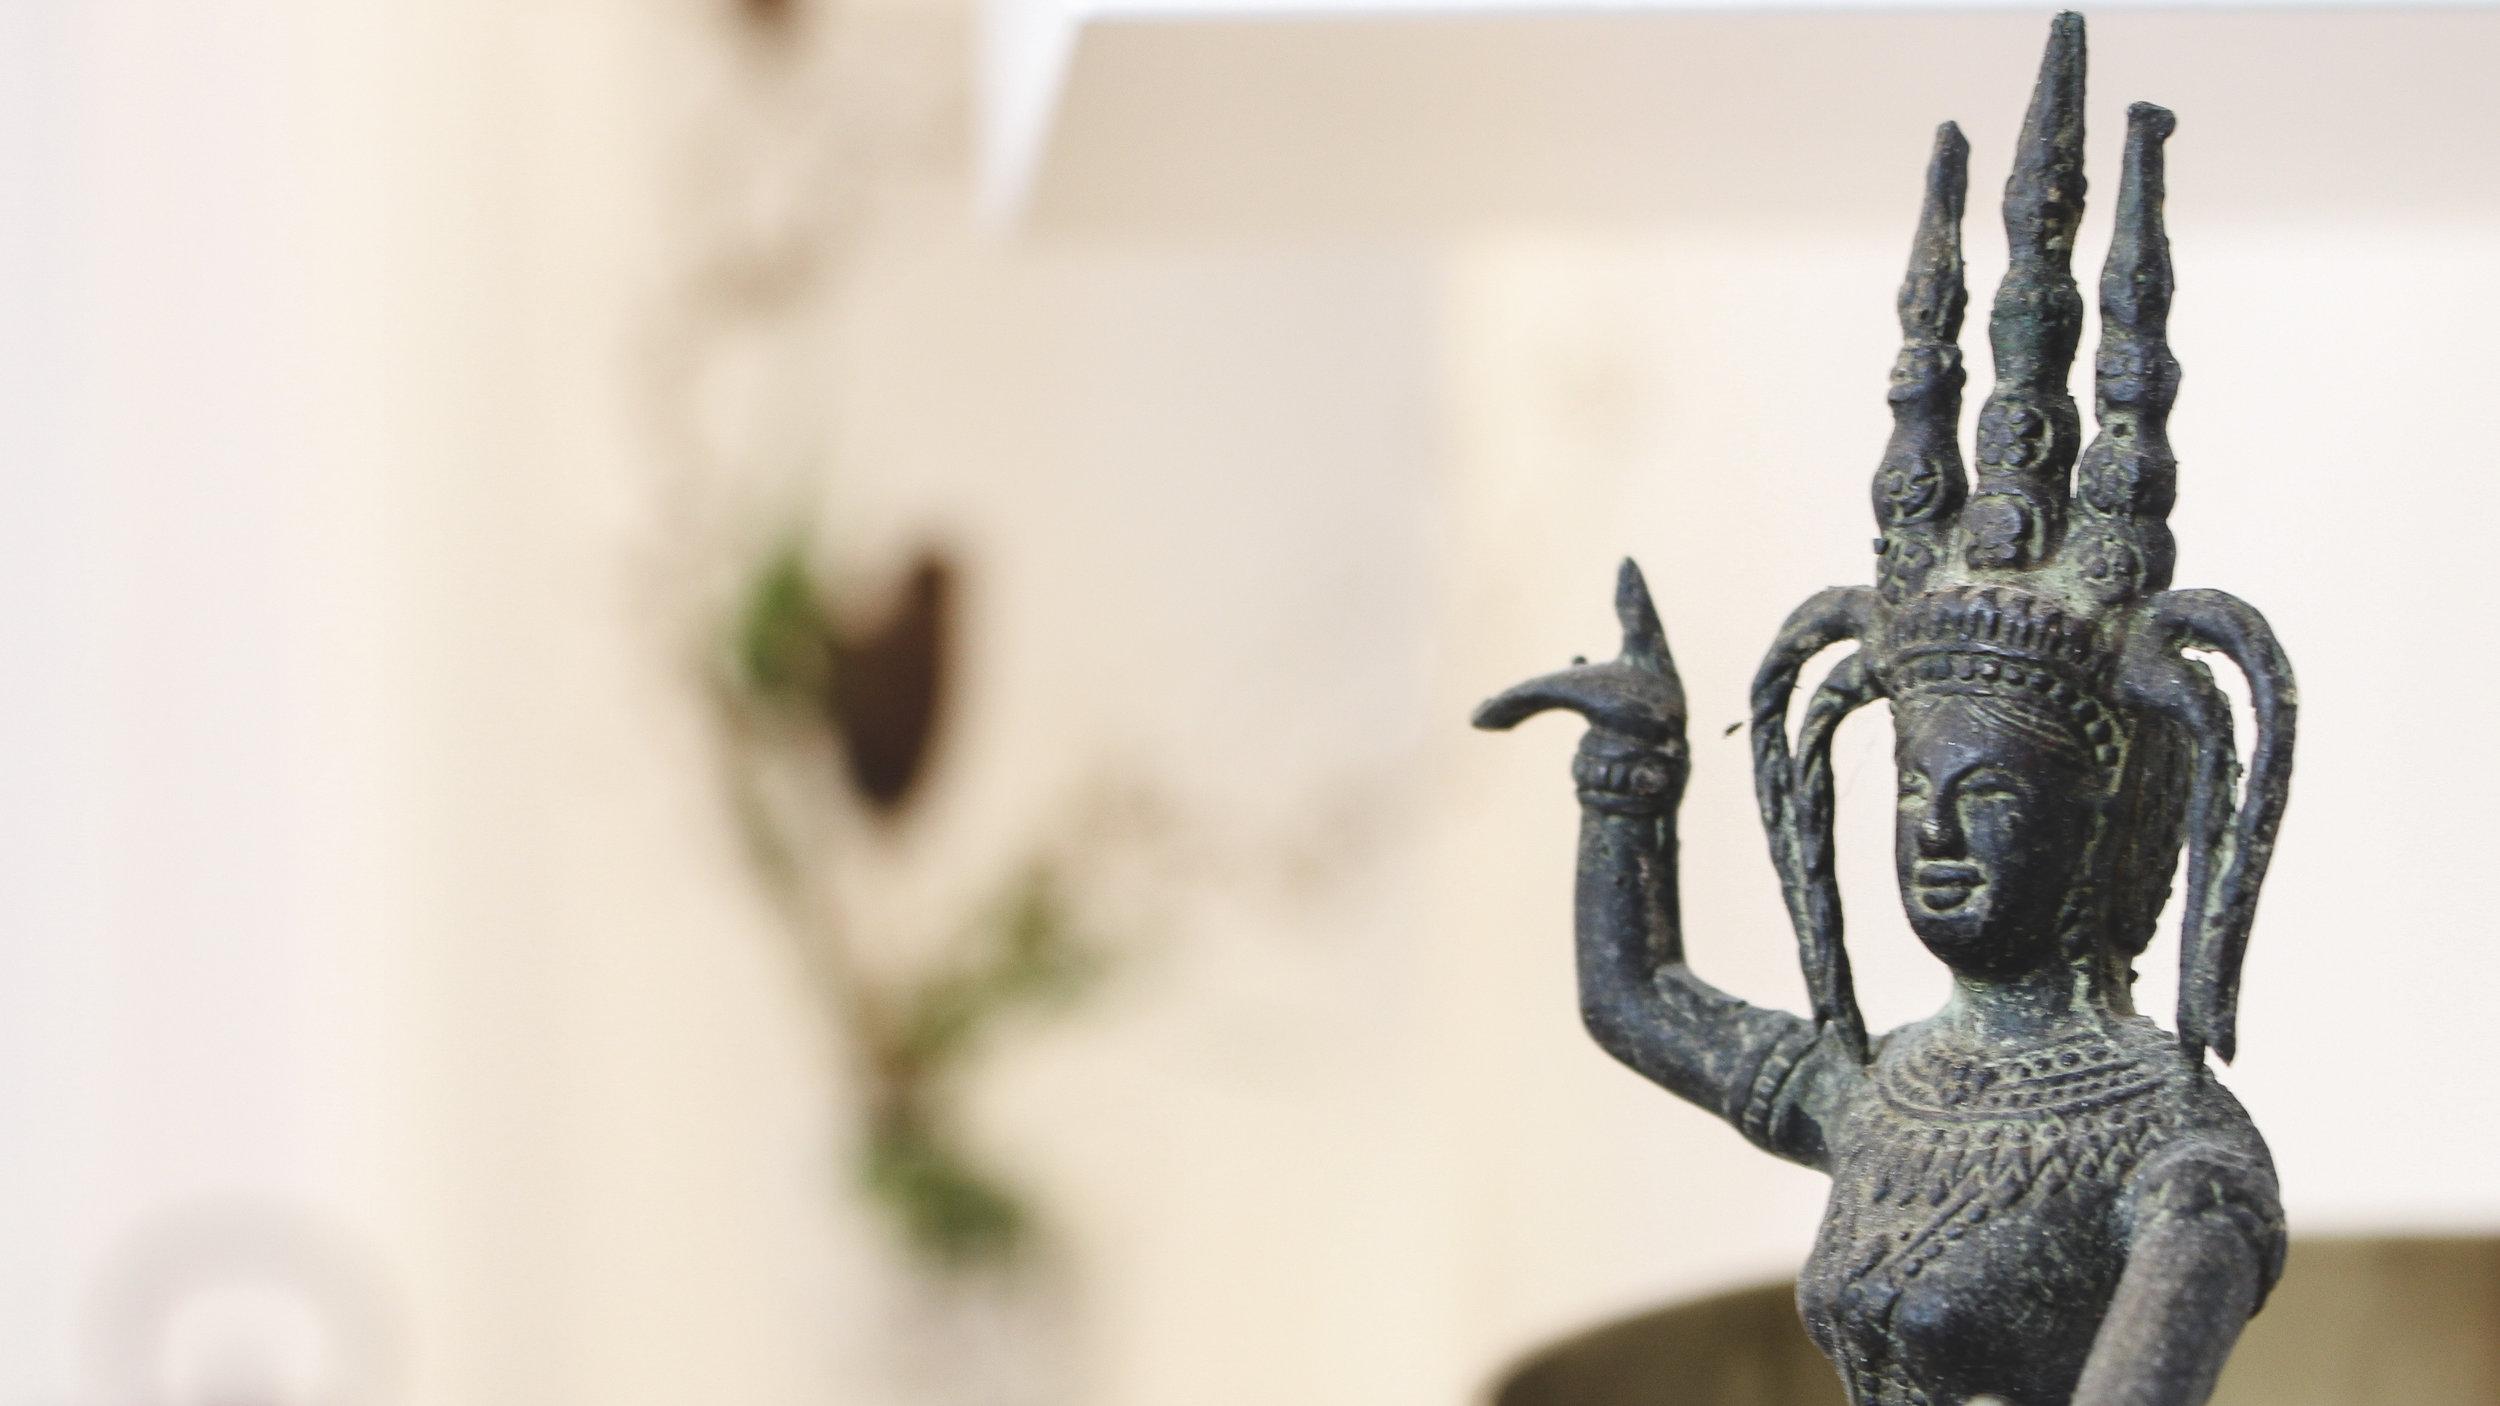 Figur vor hellem Hintergrund im Yoga-Studio der Yoga-Wolke